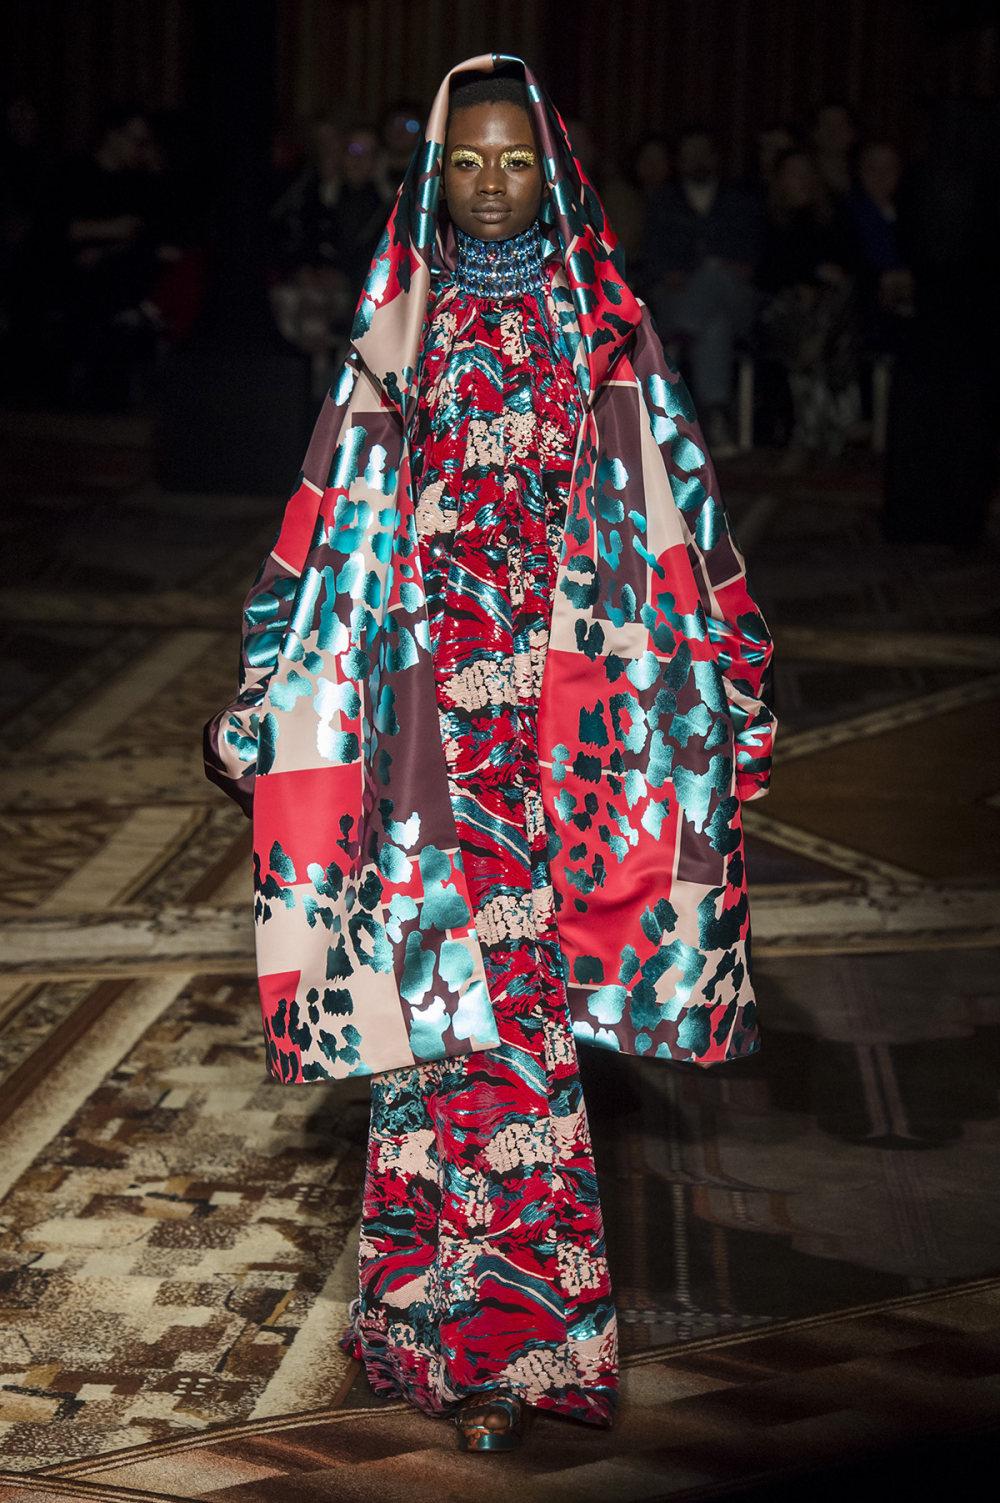 Halpern时装系列将幻想印花应用于宽大的缎面外套展示垂褶技巧-1.jpg